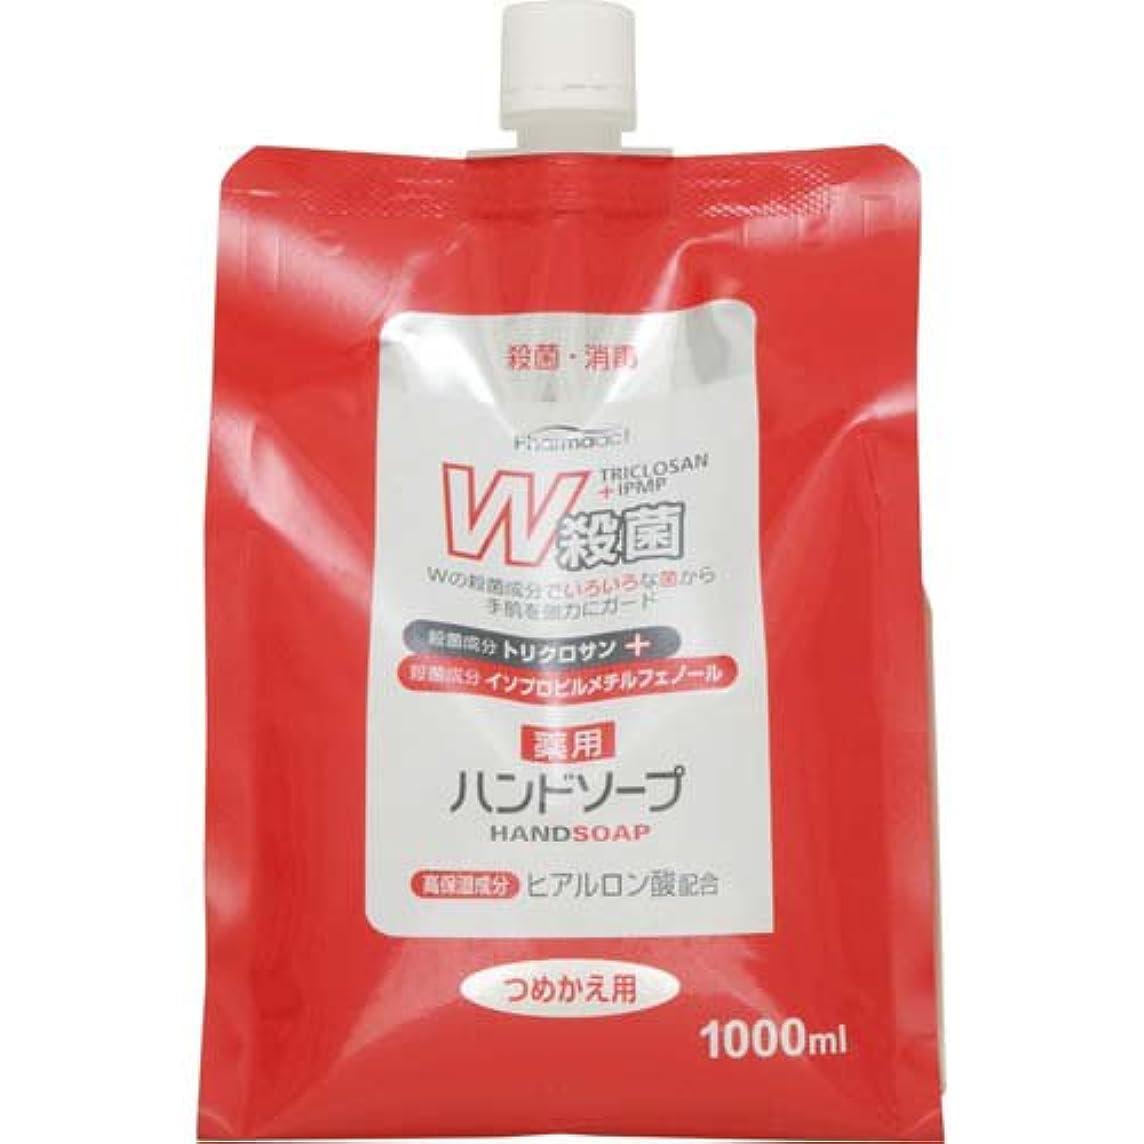 超越する小麦粉帰するファーマアクト W殺菌薬用ハンドソープ スパウト付き詰替 1000ml